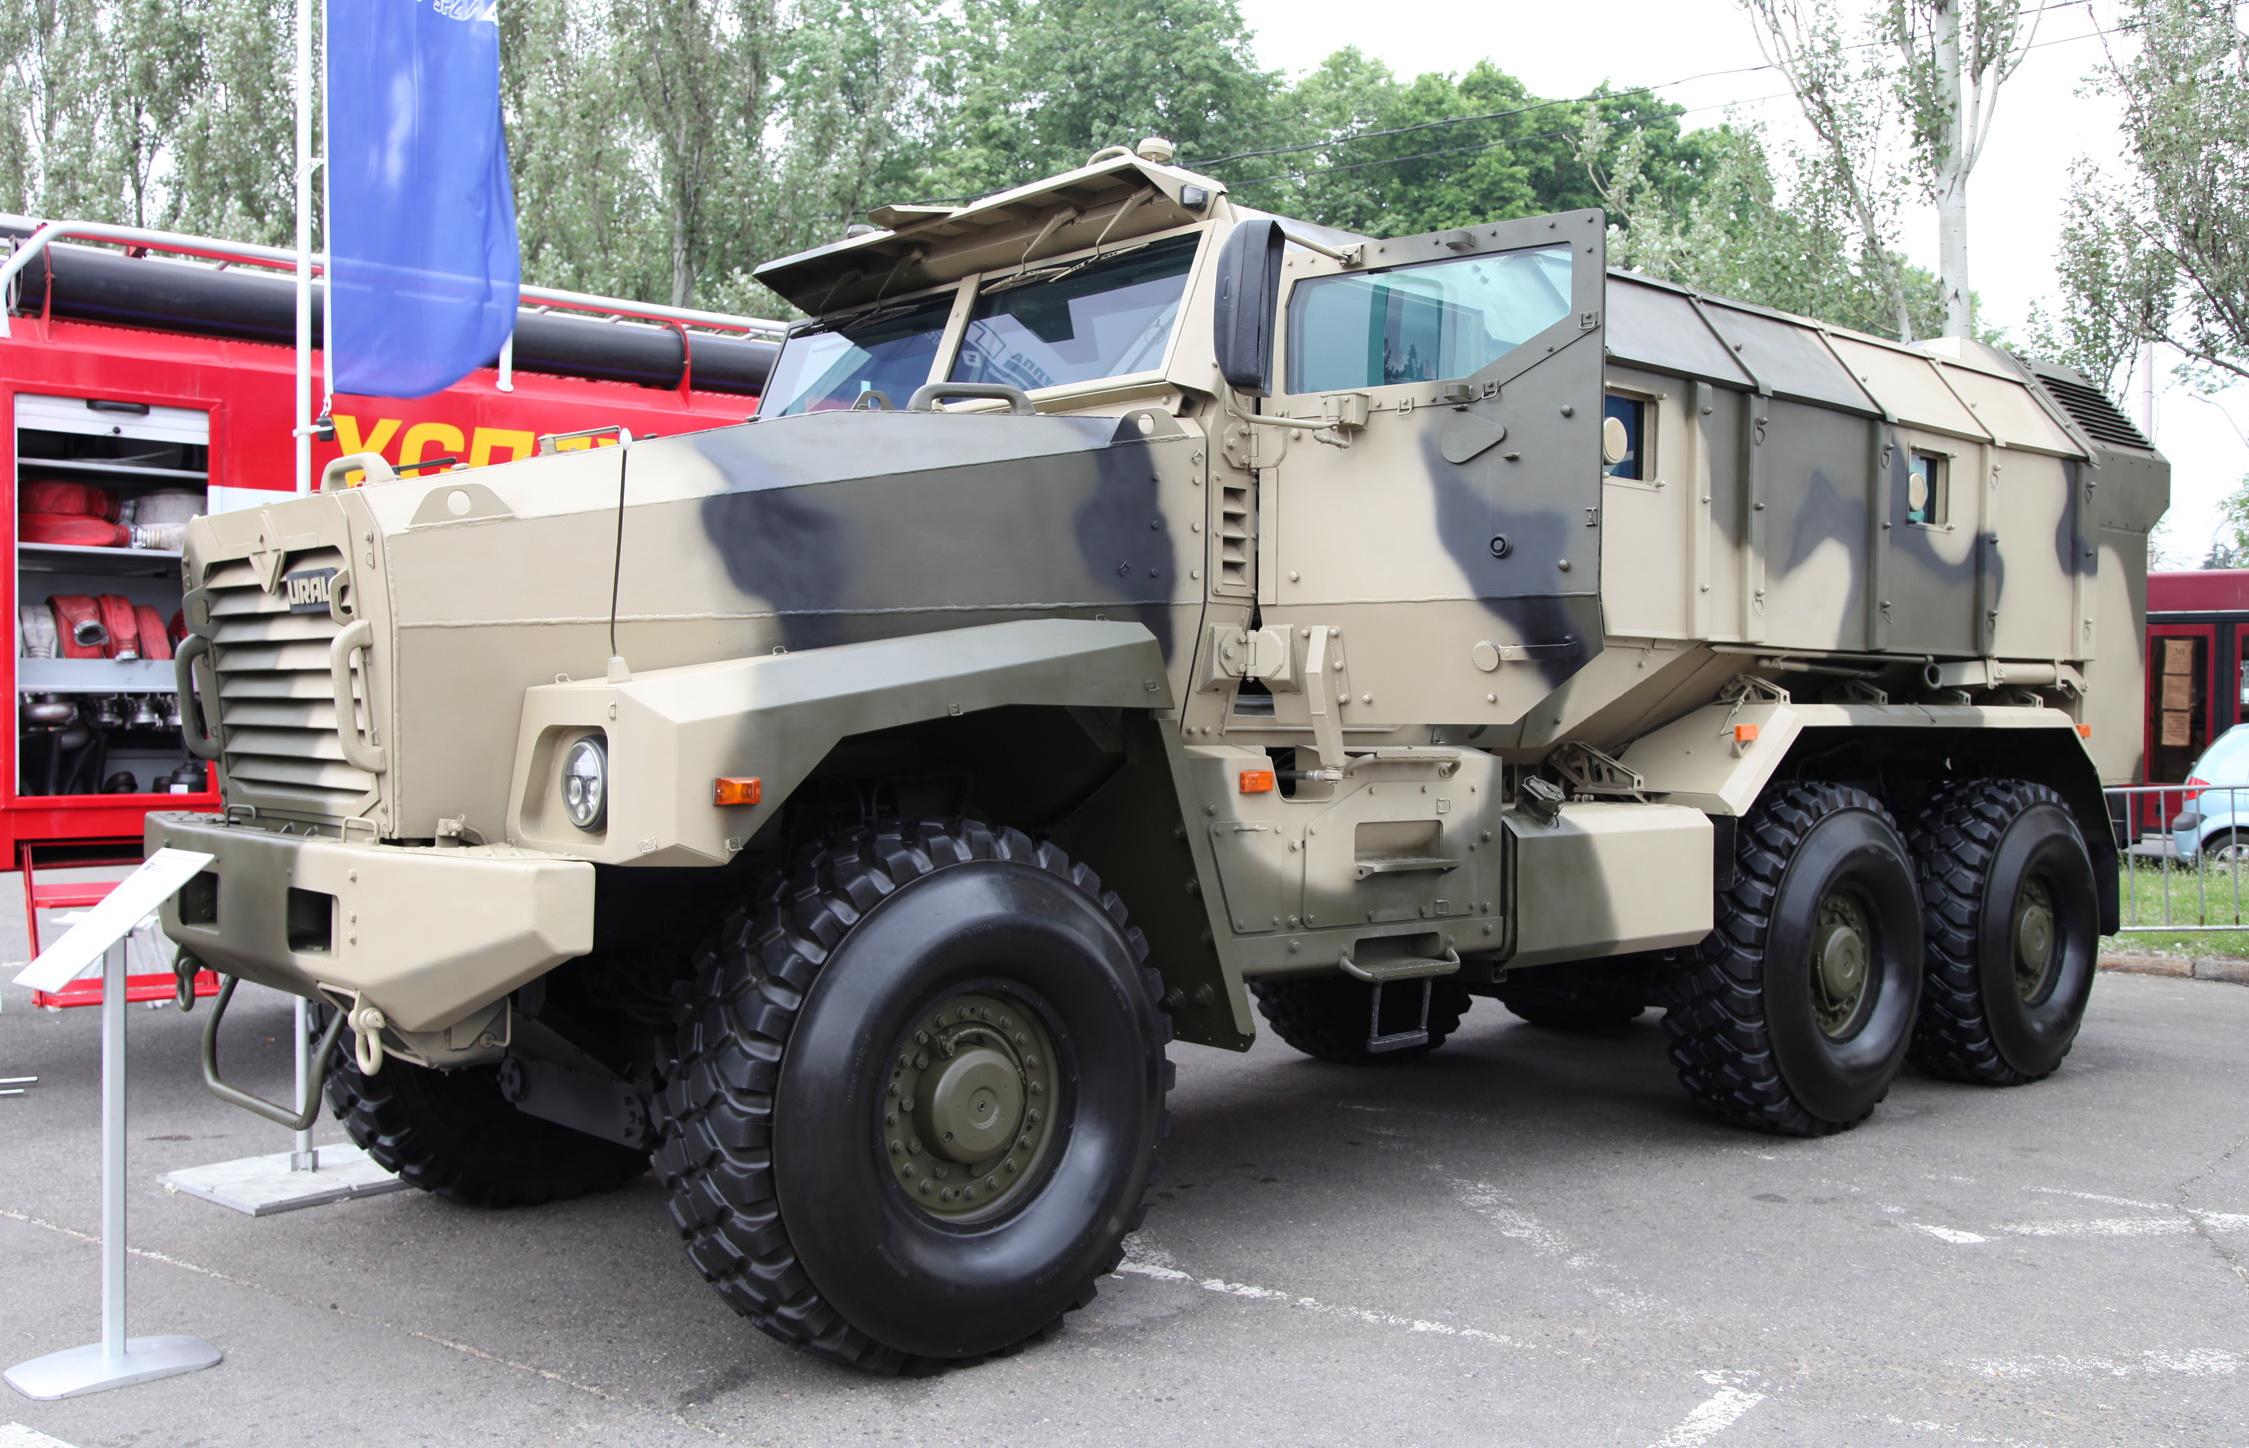 Ural Typhoon | Military Wiki | FANDOM powered by Wikia